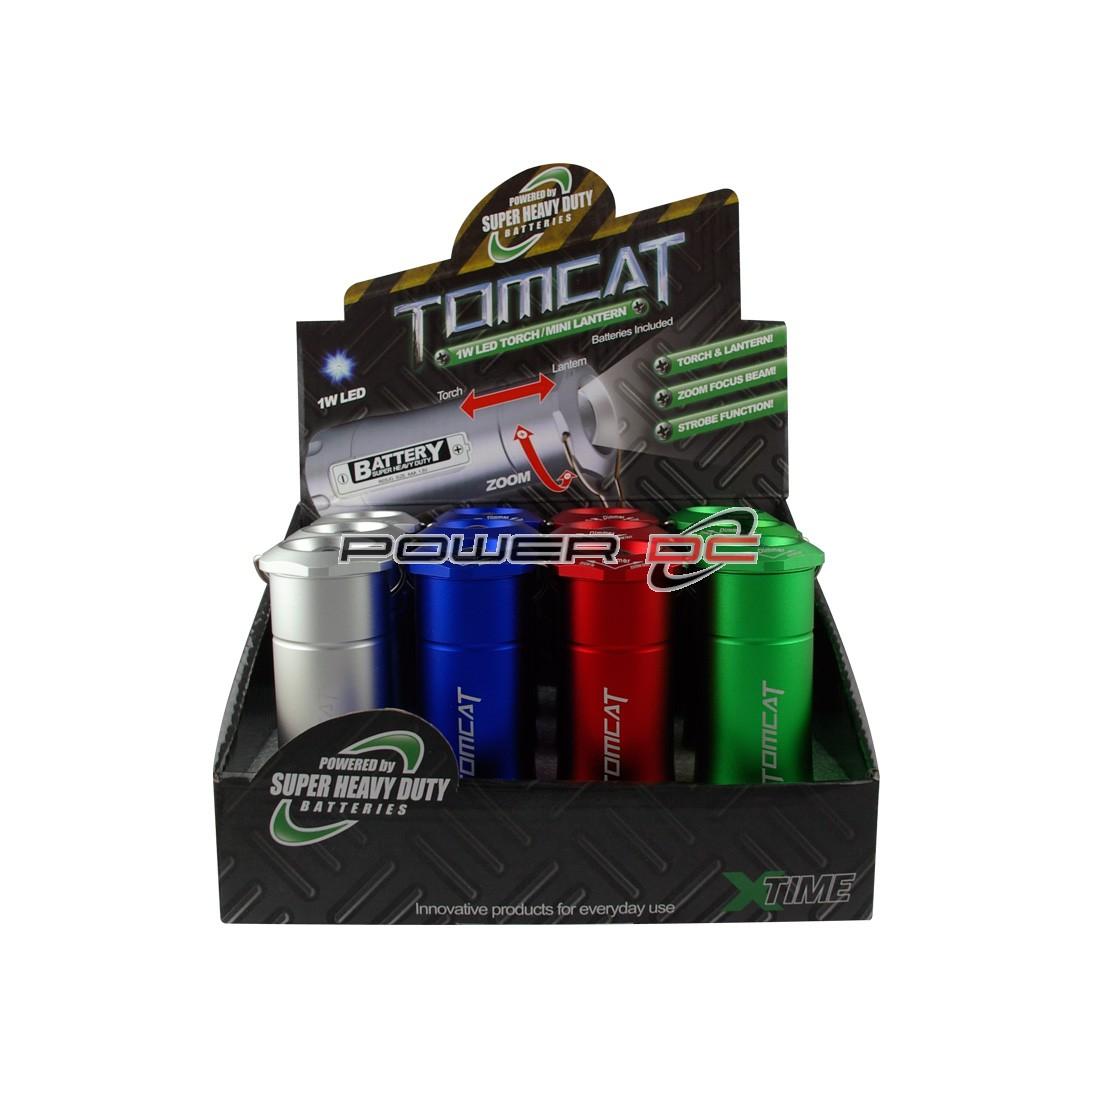 TOMCAT 1W LED TORCH/MINI LANTERN INC BATT